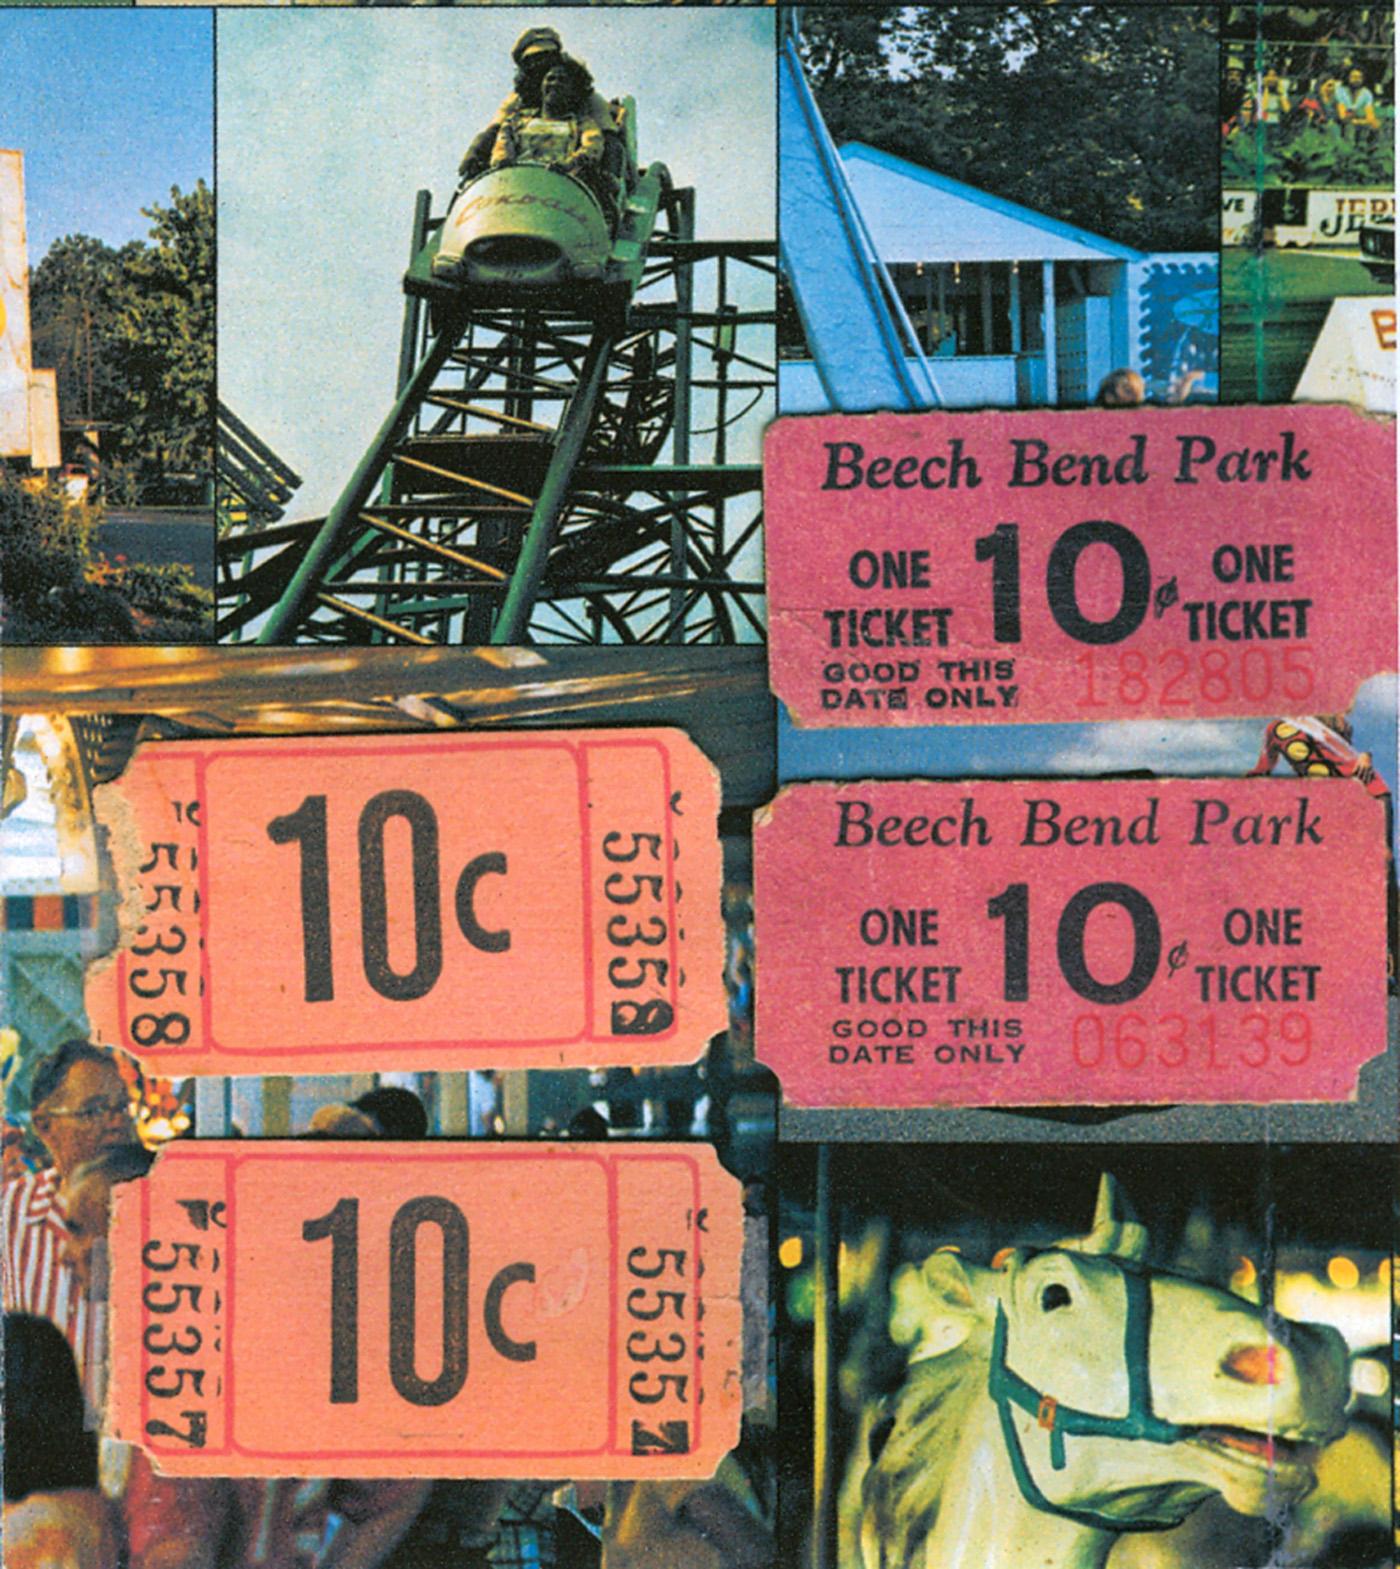 Beech Bend Park Tickets Flyer Farnsworth Photo